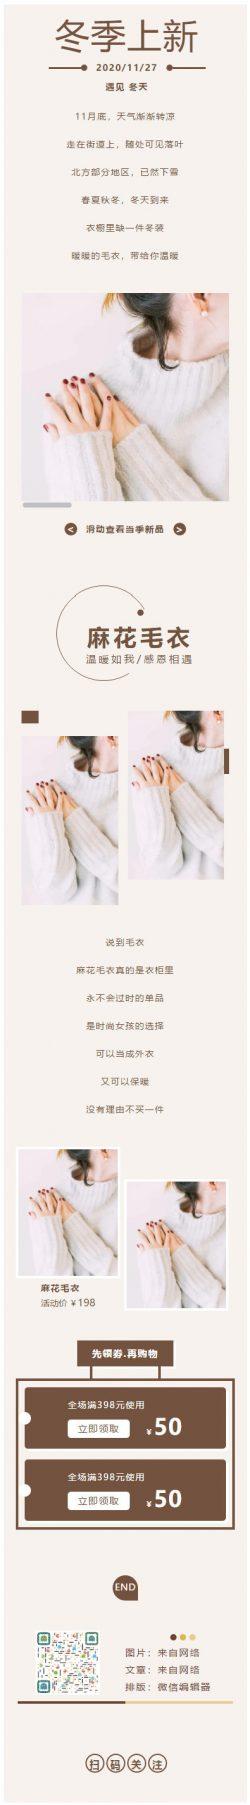 冬季上新毛衣时尚女装双十二电商节优惠券双12微商推文模板推送图文素材